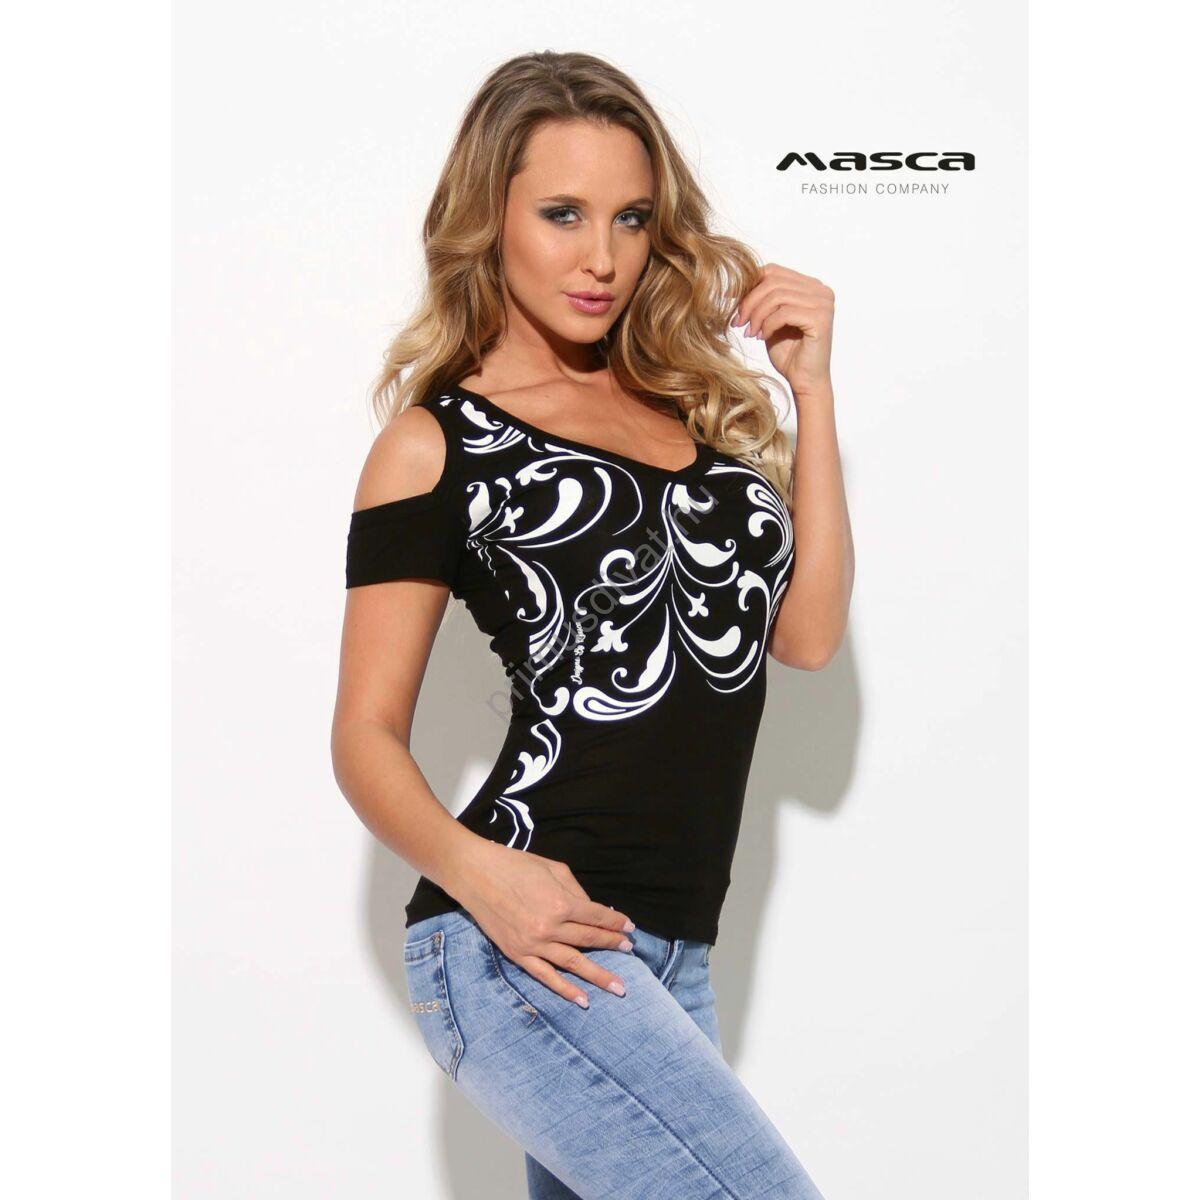 f5ca8c984a Kép 1/1 - Masca Fashion nyitott vállú, V-nyakú fekete felső, elején nyomott  fehér indamintával